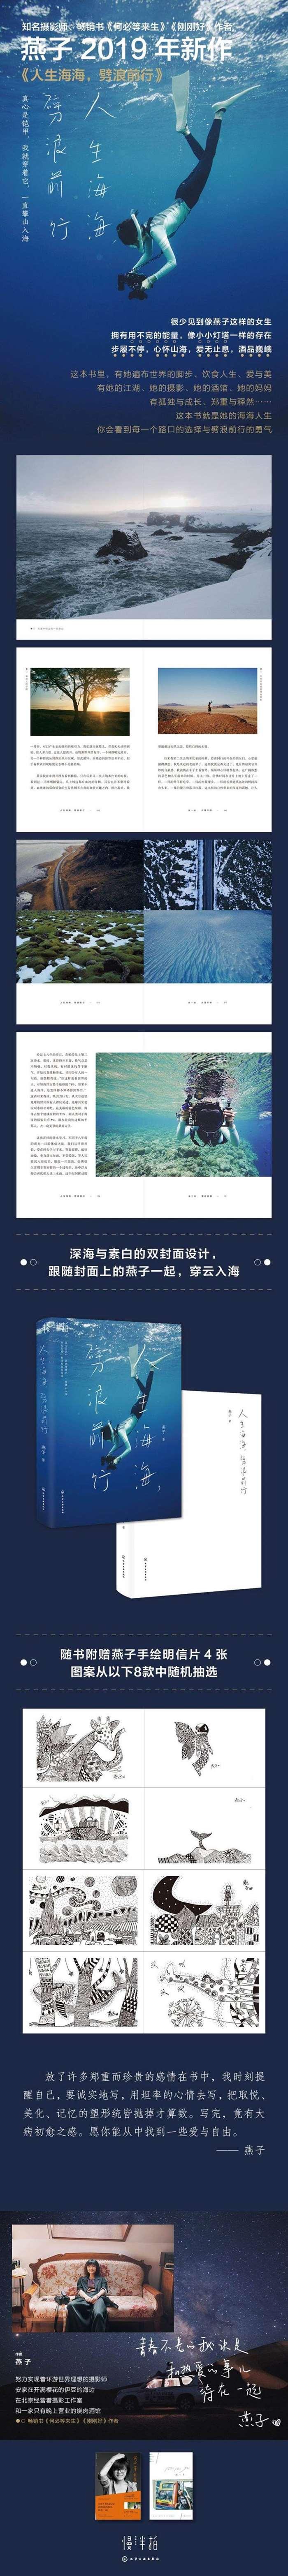 人生海海,劈浪前行-详情页.jpg